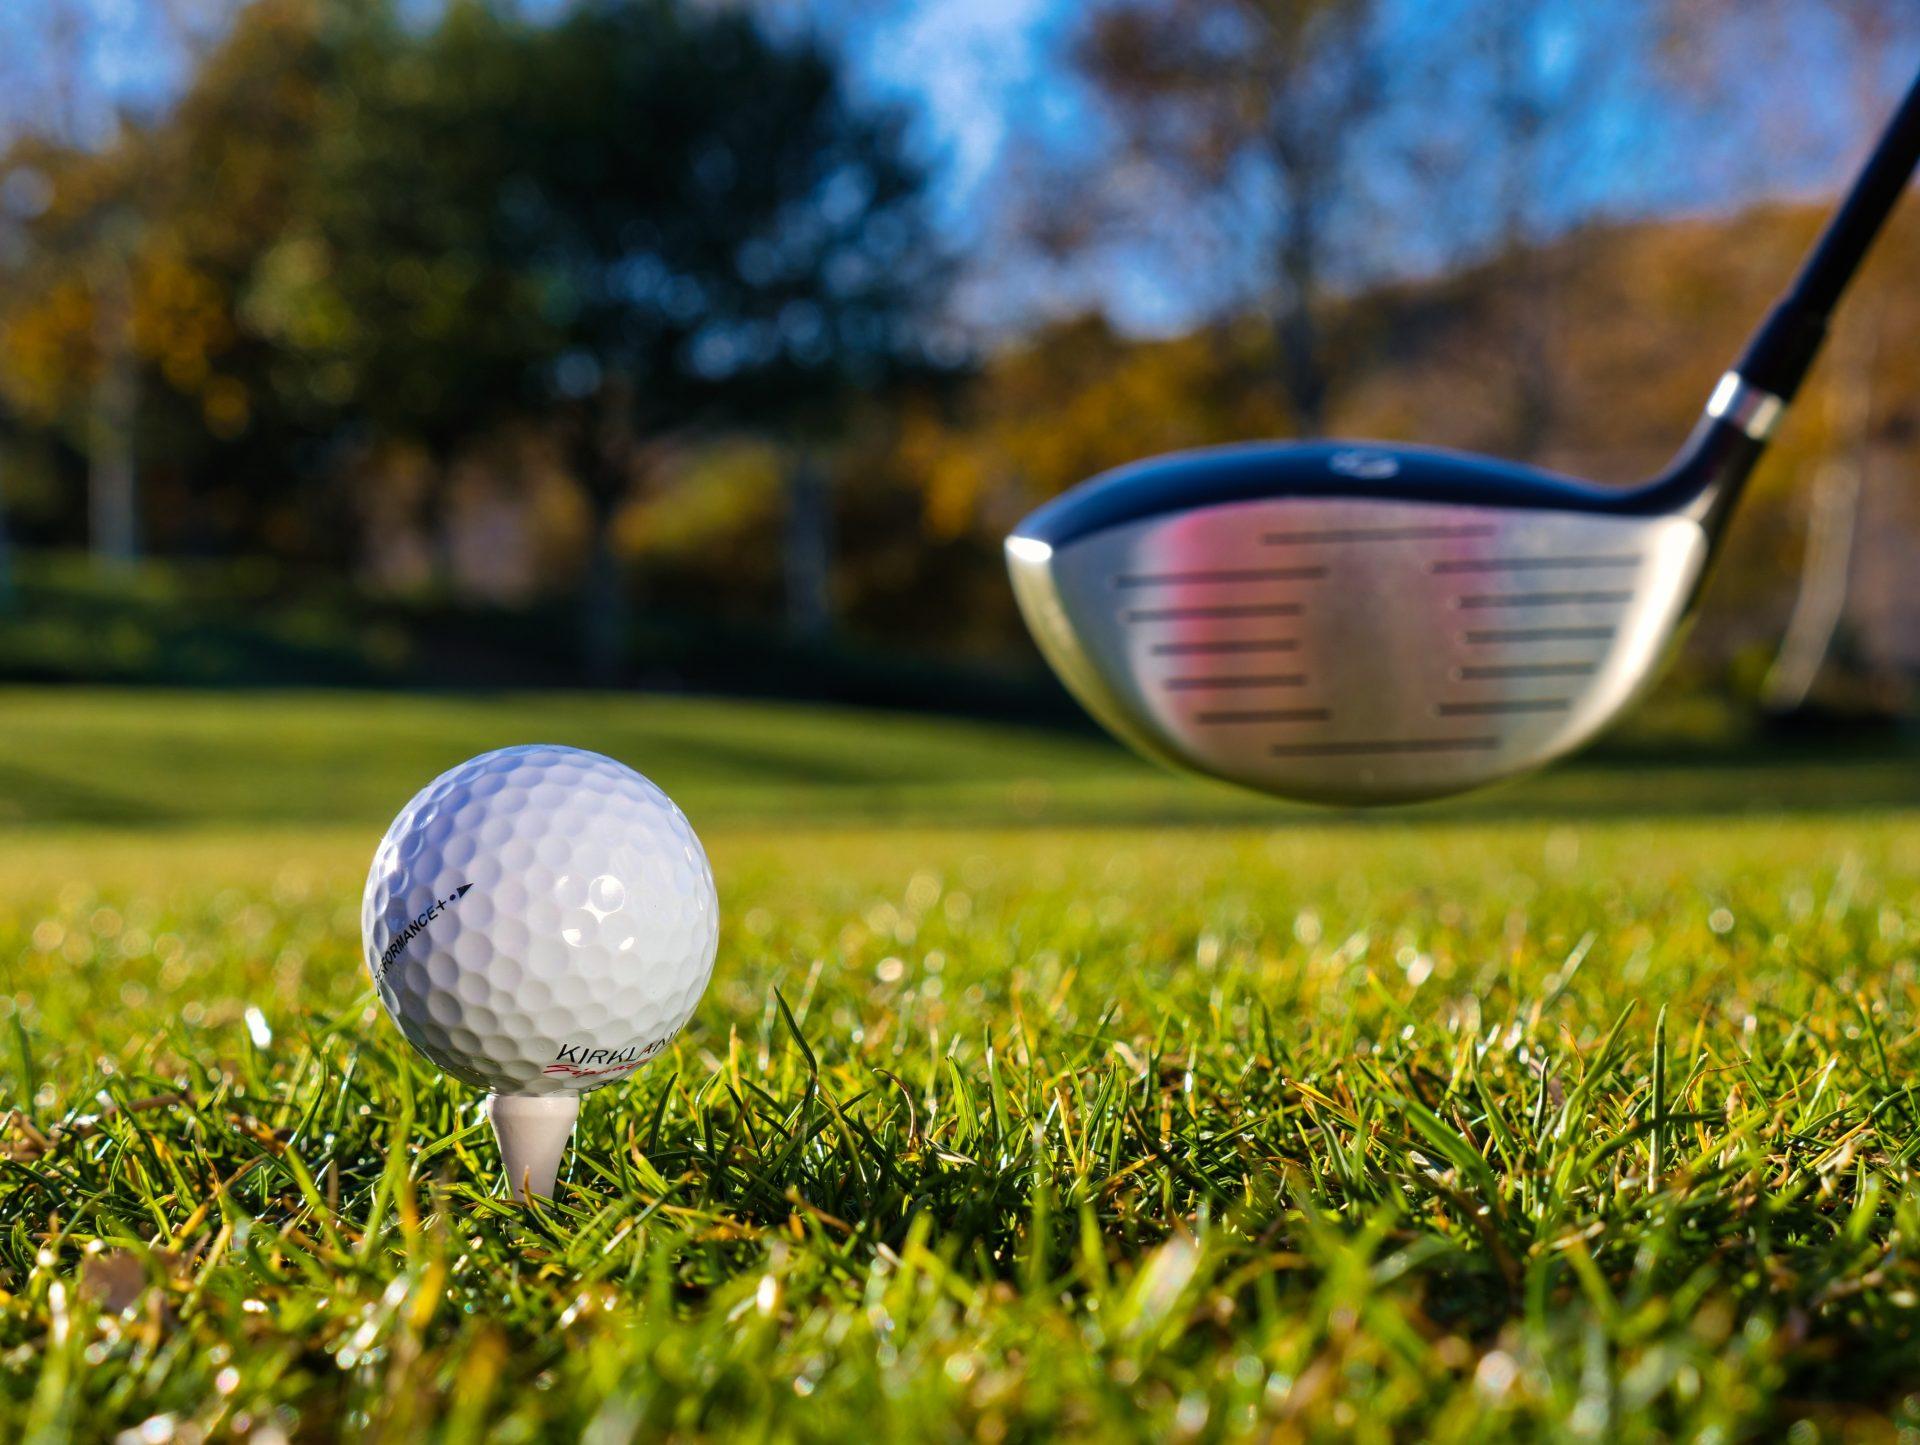 Rigoni di Asiago torneo di golf